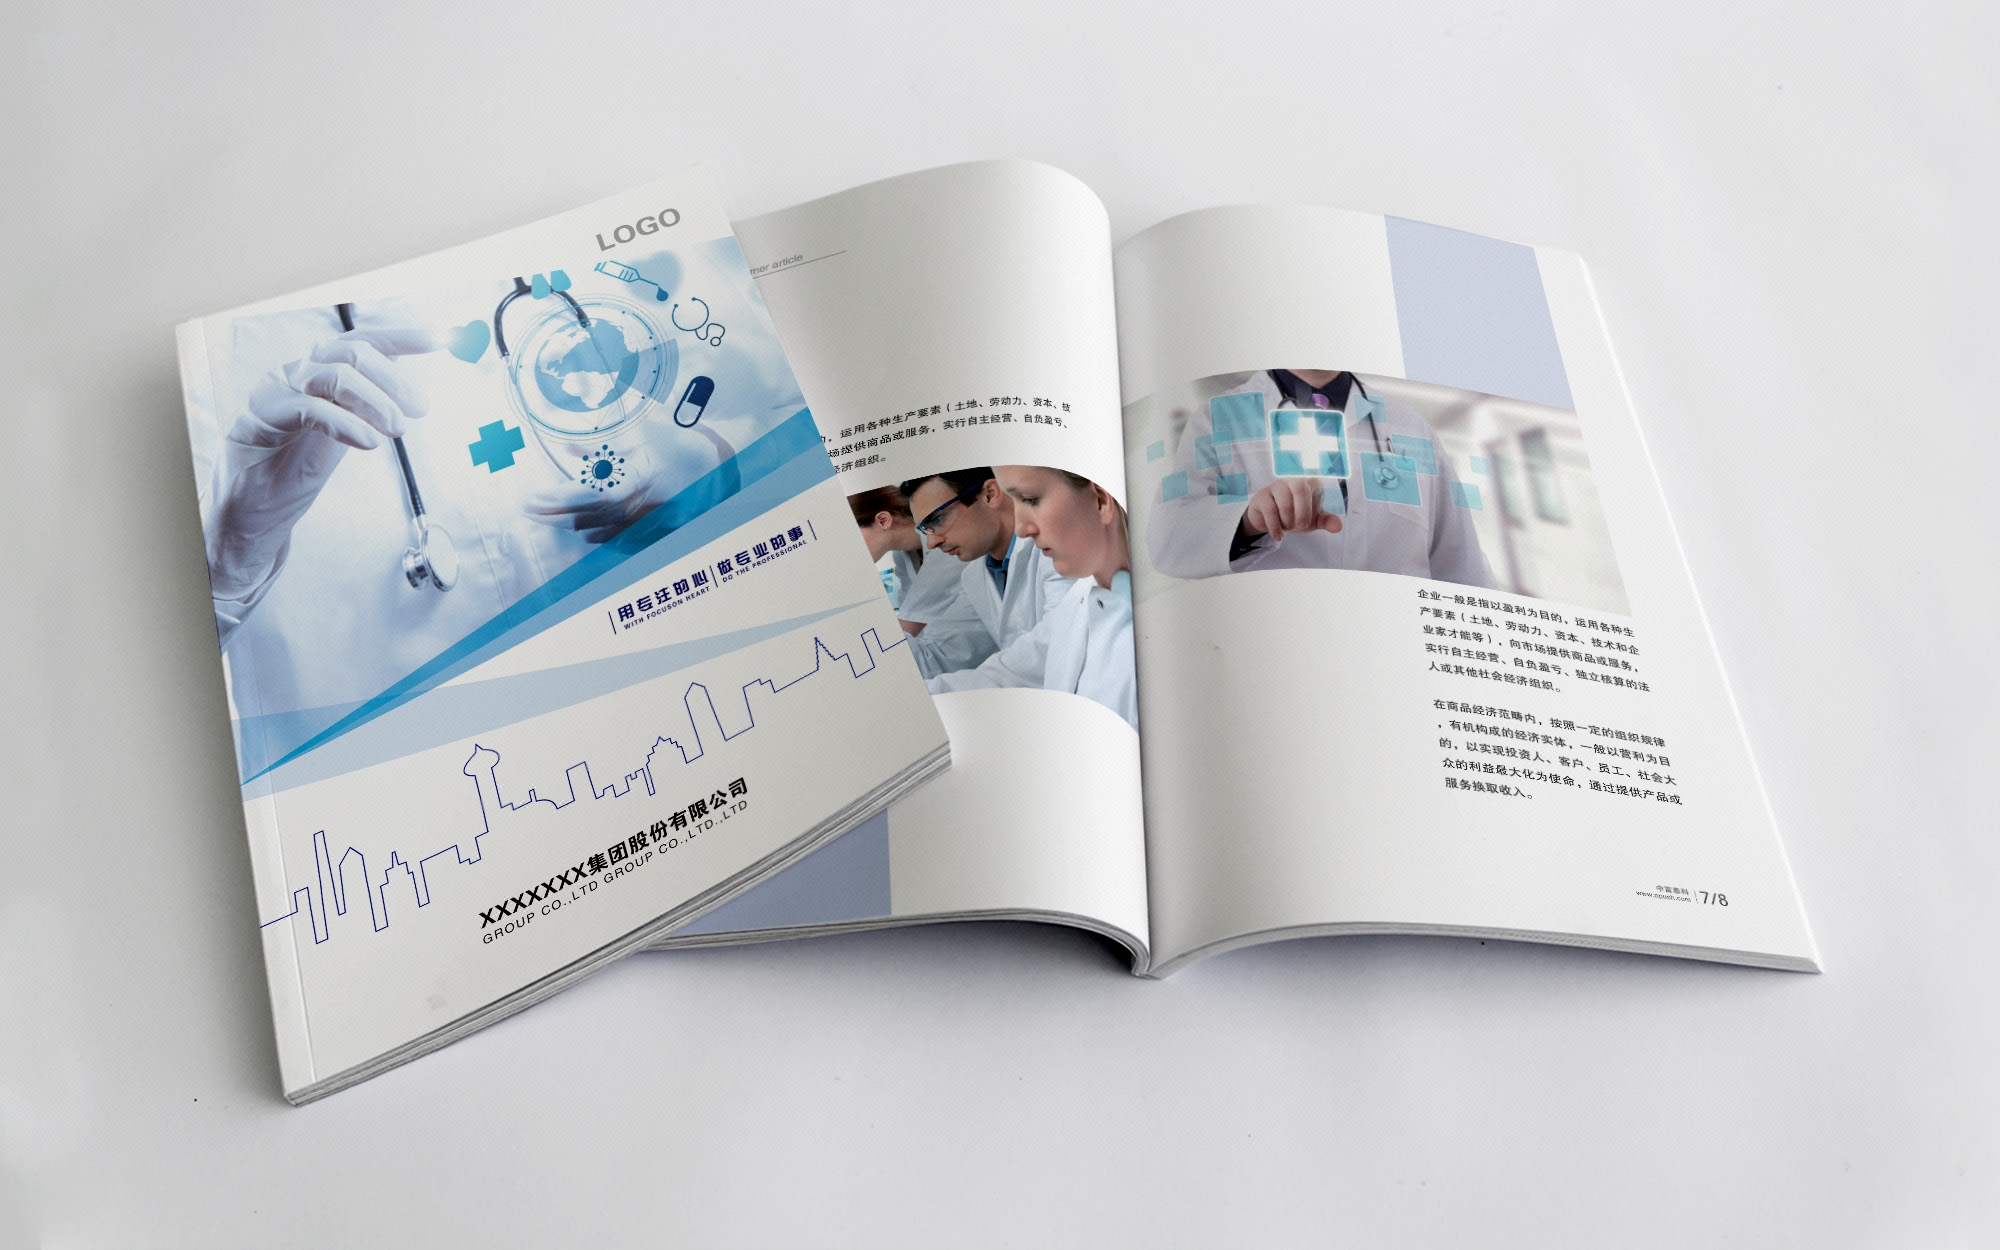 画册设计宣传册设计企业形象宣传画册广告产品手册杂志菜单菜谱